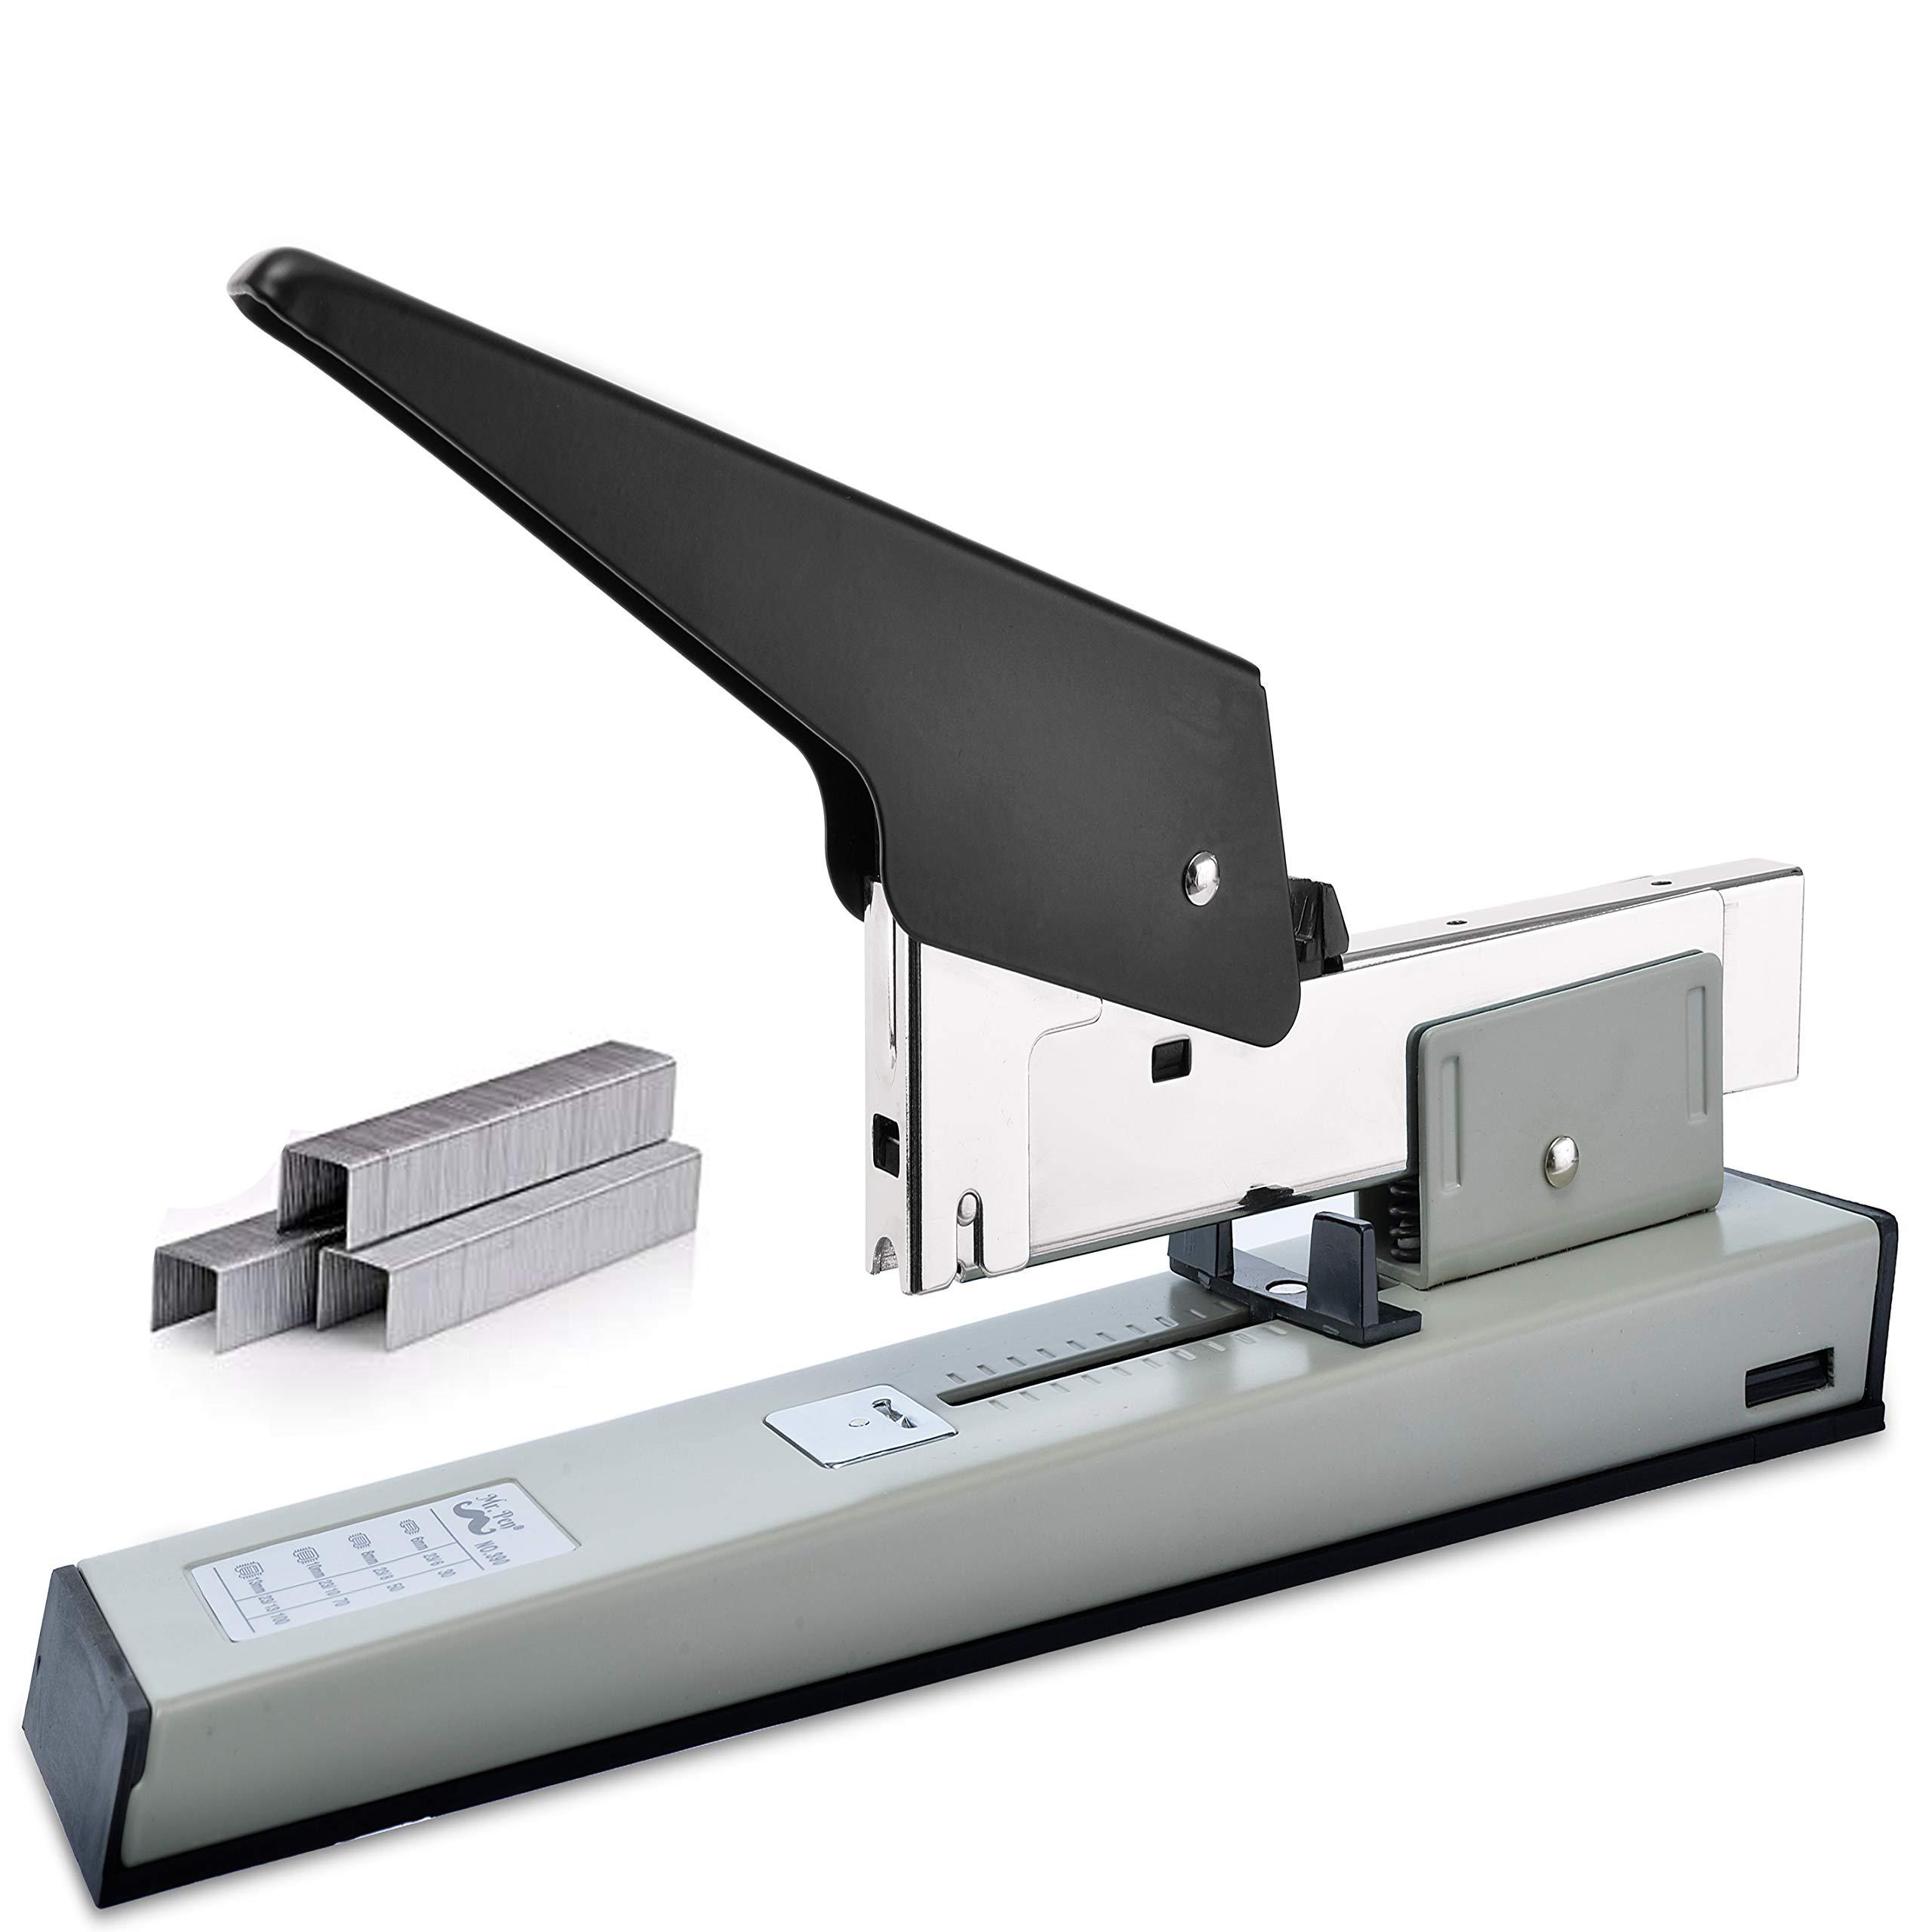 Mr. Pen- Heavy Duty Stapler with 1000 Staples, 100 Sheet High Capacity, Office Stapler, Desk Stapler, Big Stapler, Paper Stapler, Commercial Stapler, Large Stapler, Industrial Stapler, Heavy Stapler